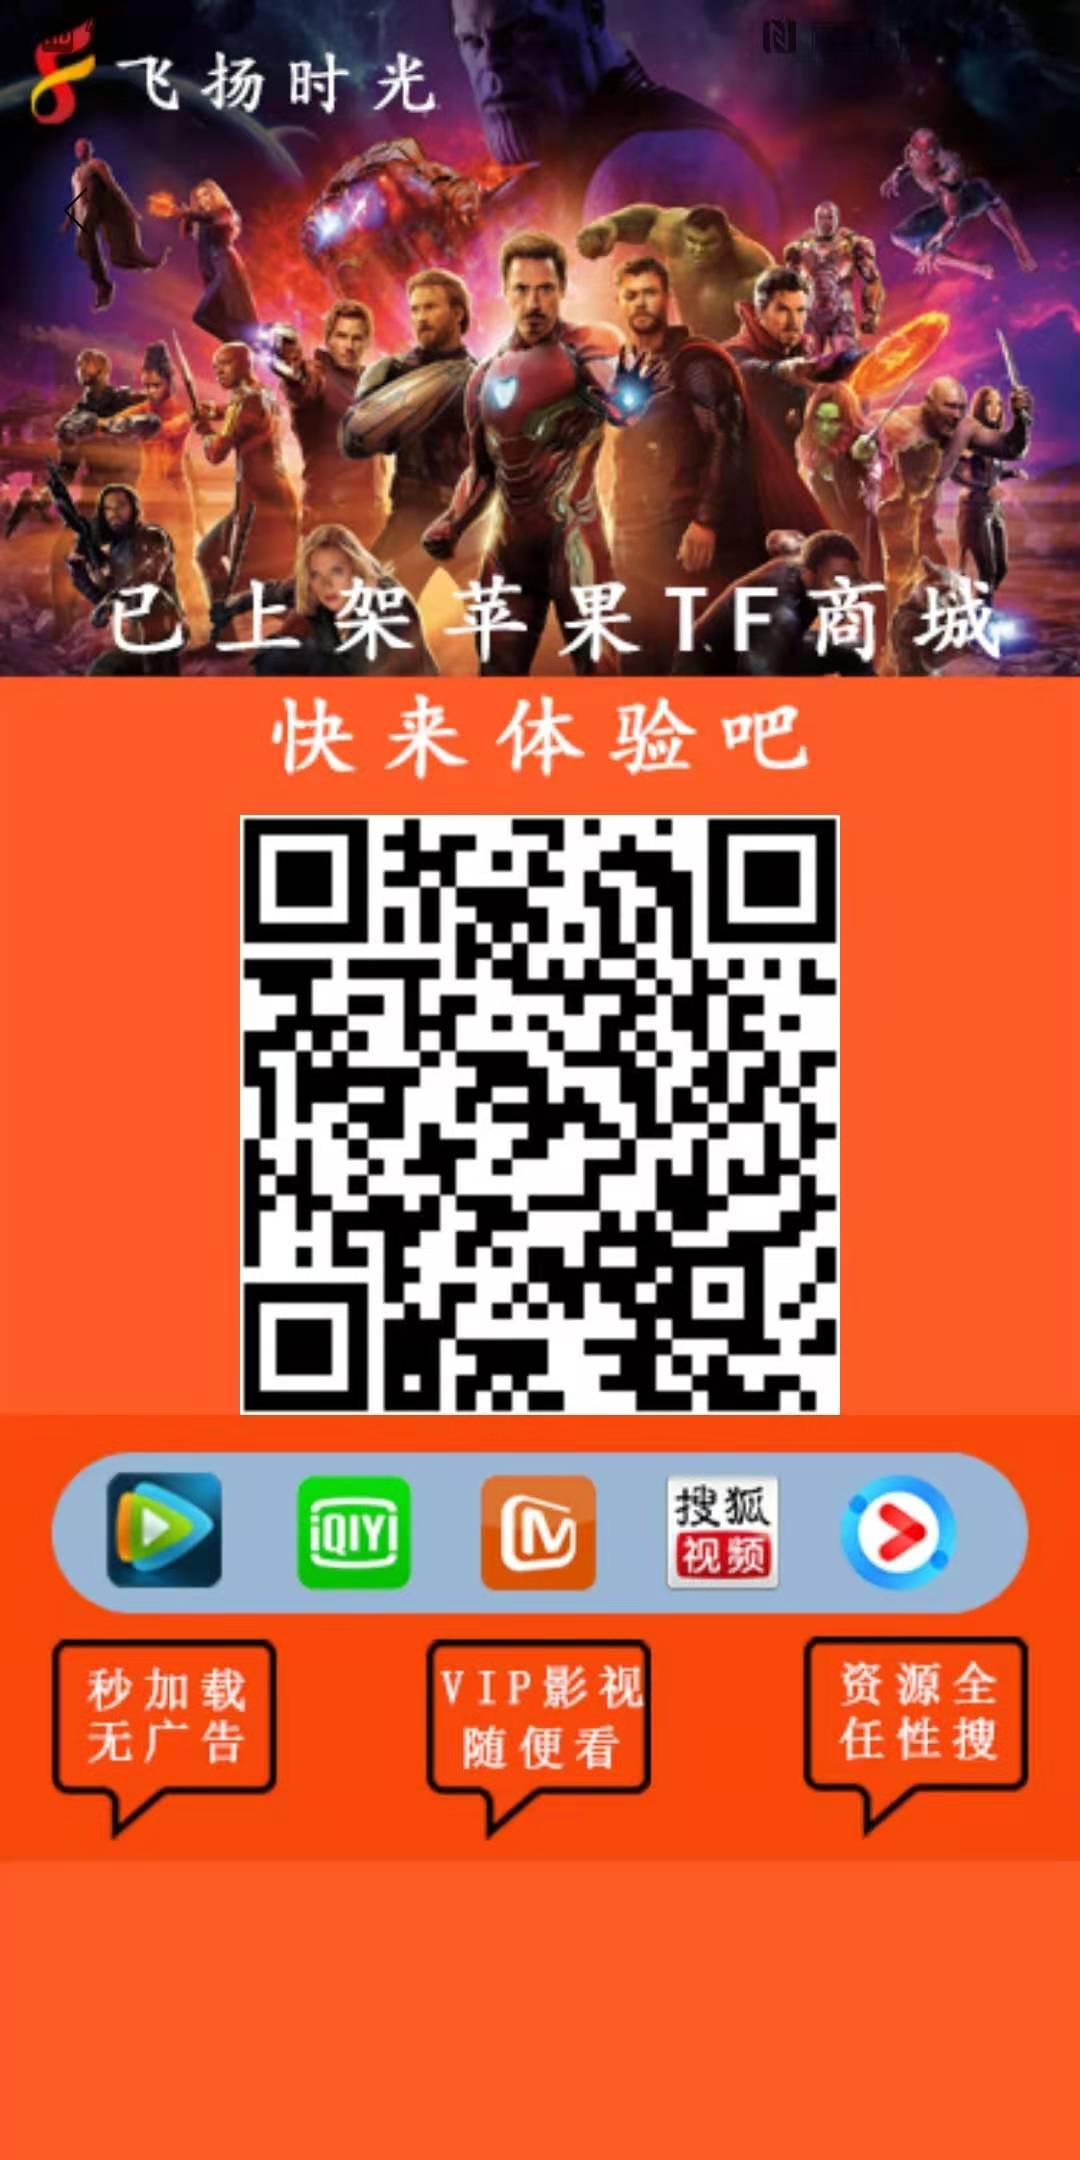 【飞扬时光年卡】全网影视VIP